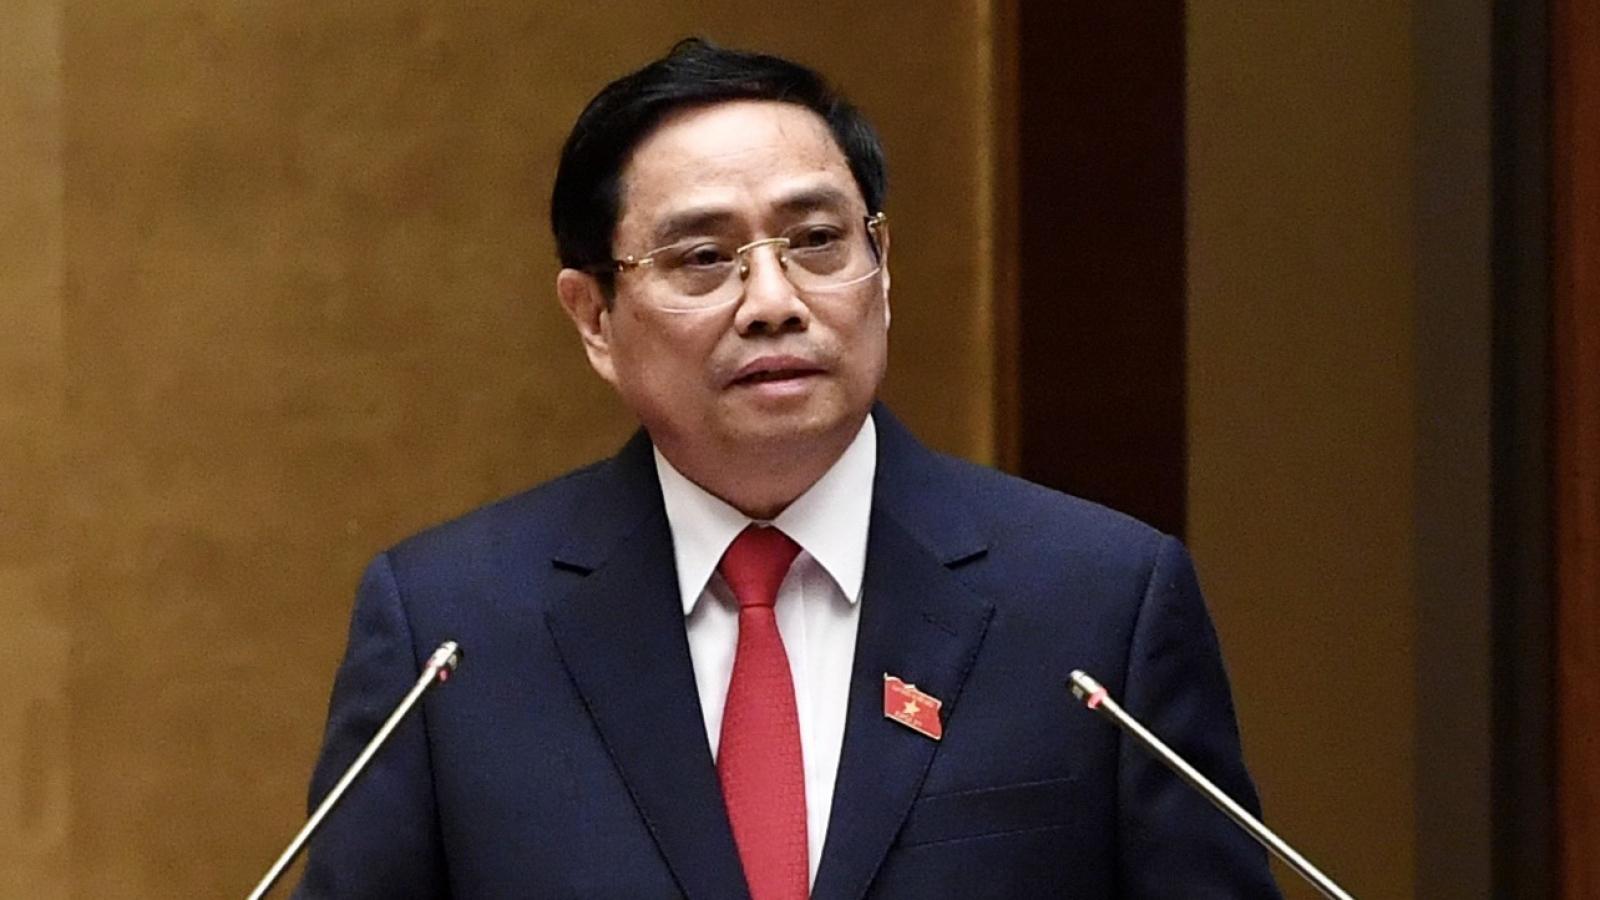 Thủ tướng trình Quốc hội số lượng thành viên Chính phủ, giảm 1 Phó Thủ tướng